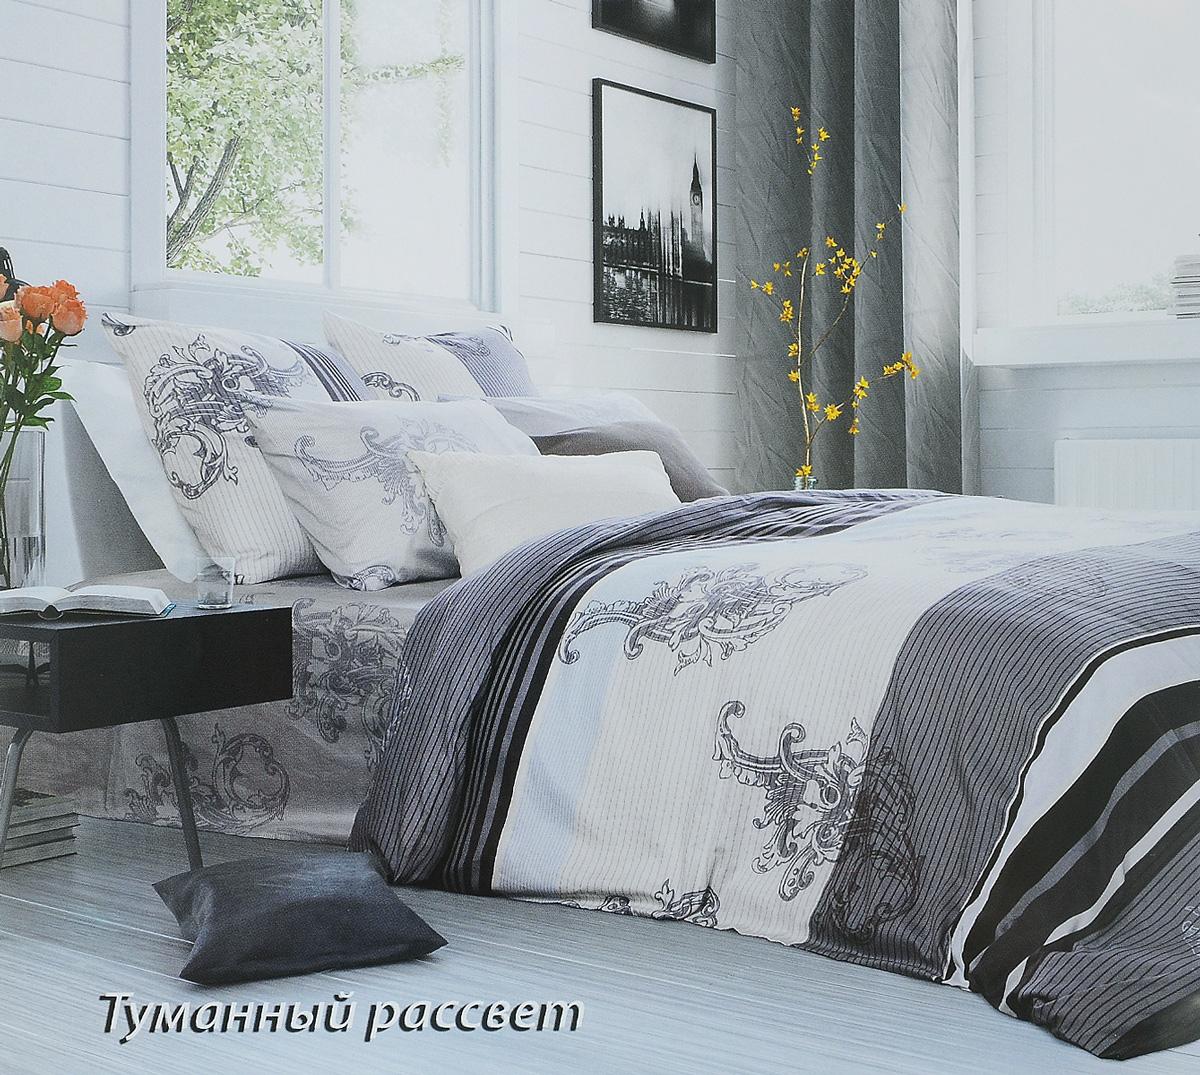 Комплект белья Tiffanys Secret Туманный рассвет, 2-спальный, наволочки 70х70, цвет: серый, белый391602Комплект постельного белья Tiffanys Secret Туманный рассвет является экологически безопасным для всей семьи, так как выполнен из сатина (100% хлопок). Комплект состоит из пододеяльника, простыни и двух наволочек. Предметы комплекта оформлены оригинальным рисунком.Благодаря такому комплекту постельного белья вы сможете создать атмосферу уюта и комфорта в вашей спальне.Сатин - это ткань, навсегда покорившая сердца человечества. Ценившие роскошь персы называли ее атлас, а искушенные в прекрасном французы - сатин. Секрет высококачественного сатина в безупречности всего технологического процесса. Эту благородную ткань делают только из отборной натуральной пряжи, которую получают из самого лучшего тонковолокнистого хлопка. Благодаря использованию самой тонкой хлопковой нити получается необычайно мягкое и нежное полотно. Сатиновое постельное белье превращает жаркие летние ночи в прохладные и освежающие, а холодные зимние - в теплые и согревающие. Сатин очень приятен на ощупь, постельное белье из него долговечно, выдерживает более 300 стирок, и лишь спустя долгое время материал начинает немного тускнеть. Оцените все достоинства постельного белья из сатина, выбирая самое лучшее для себя!